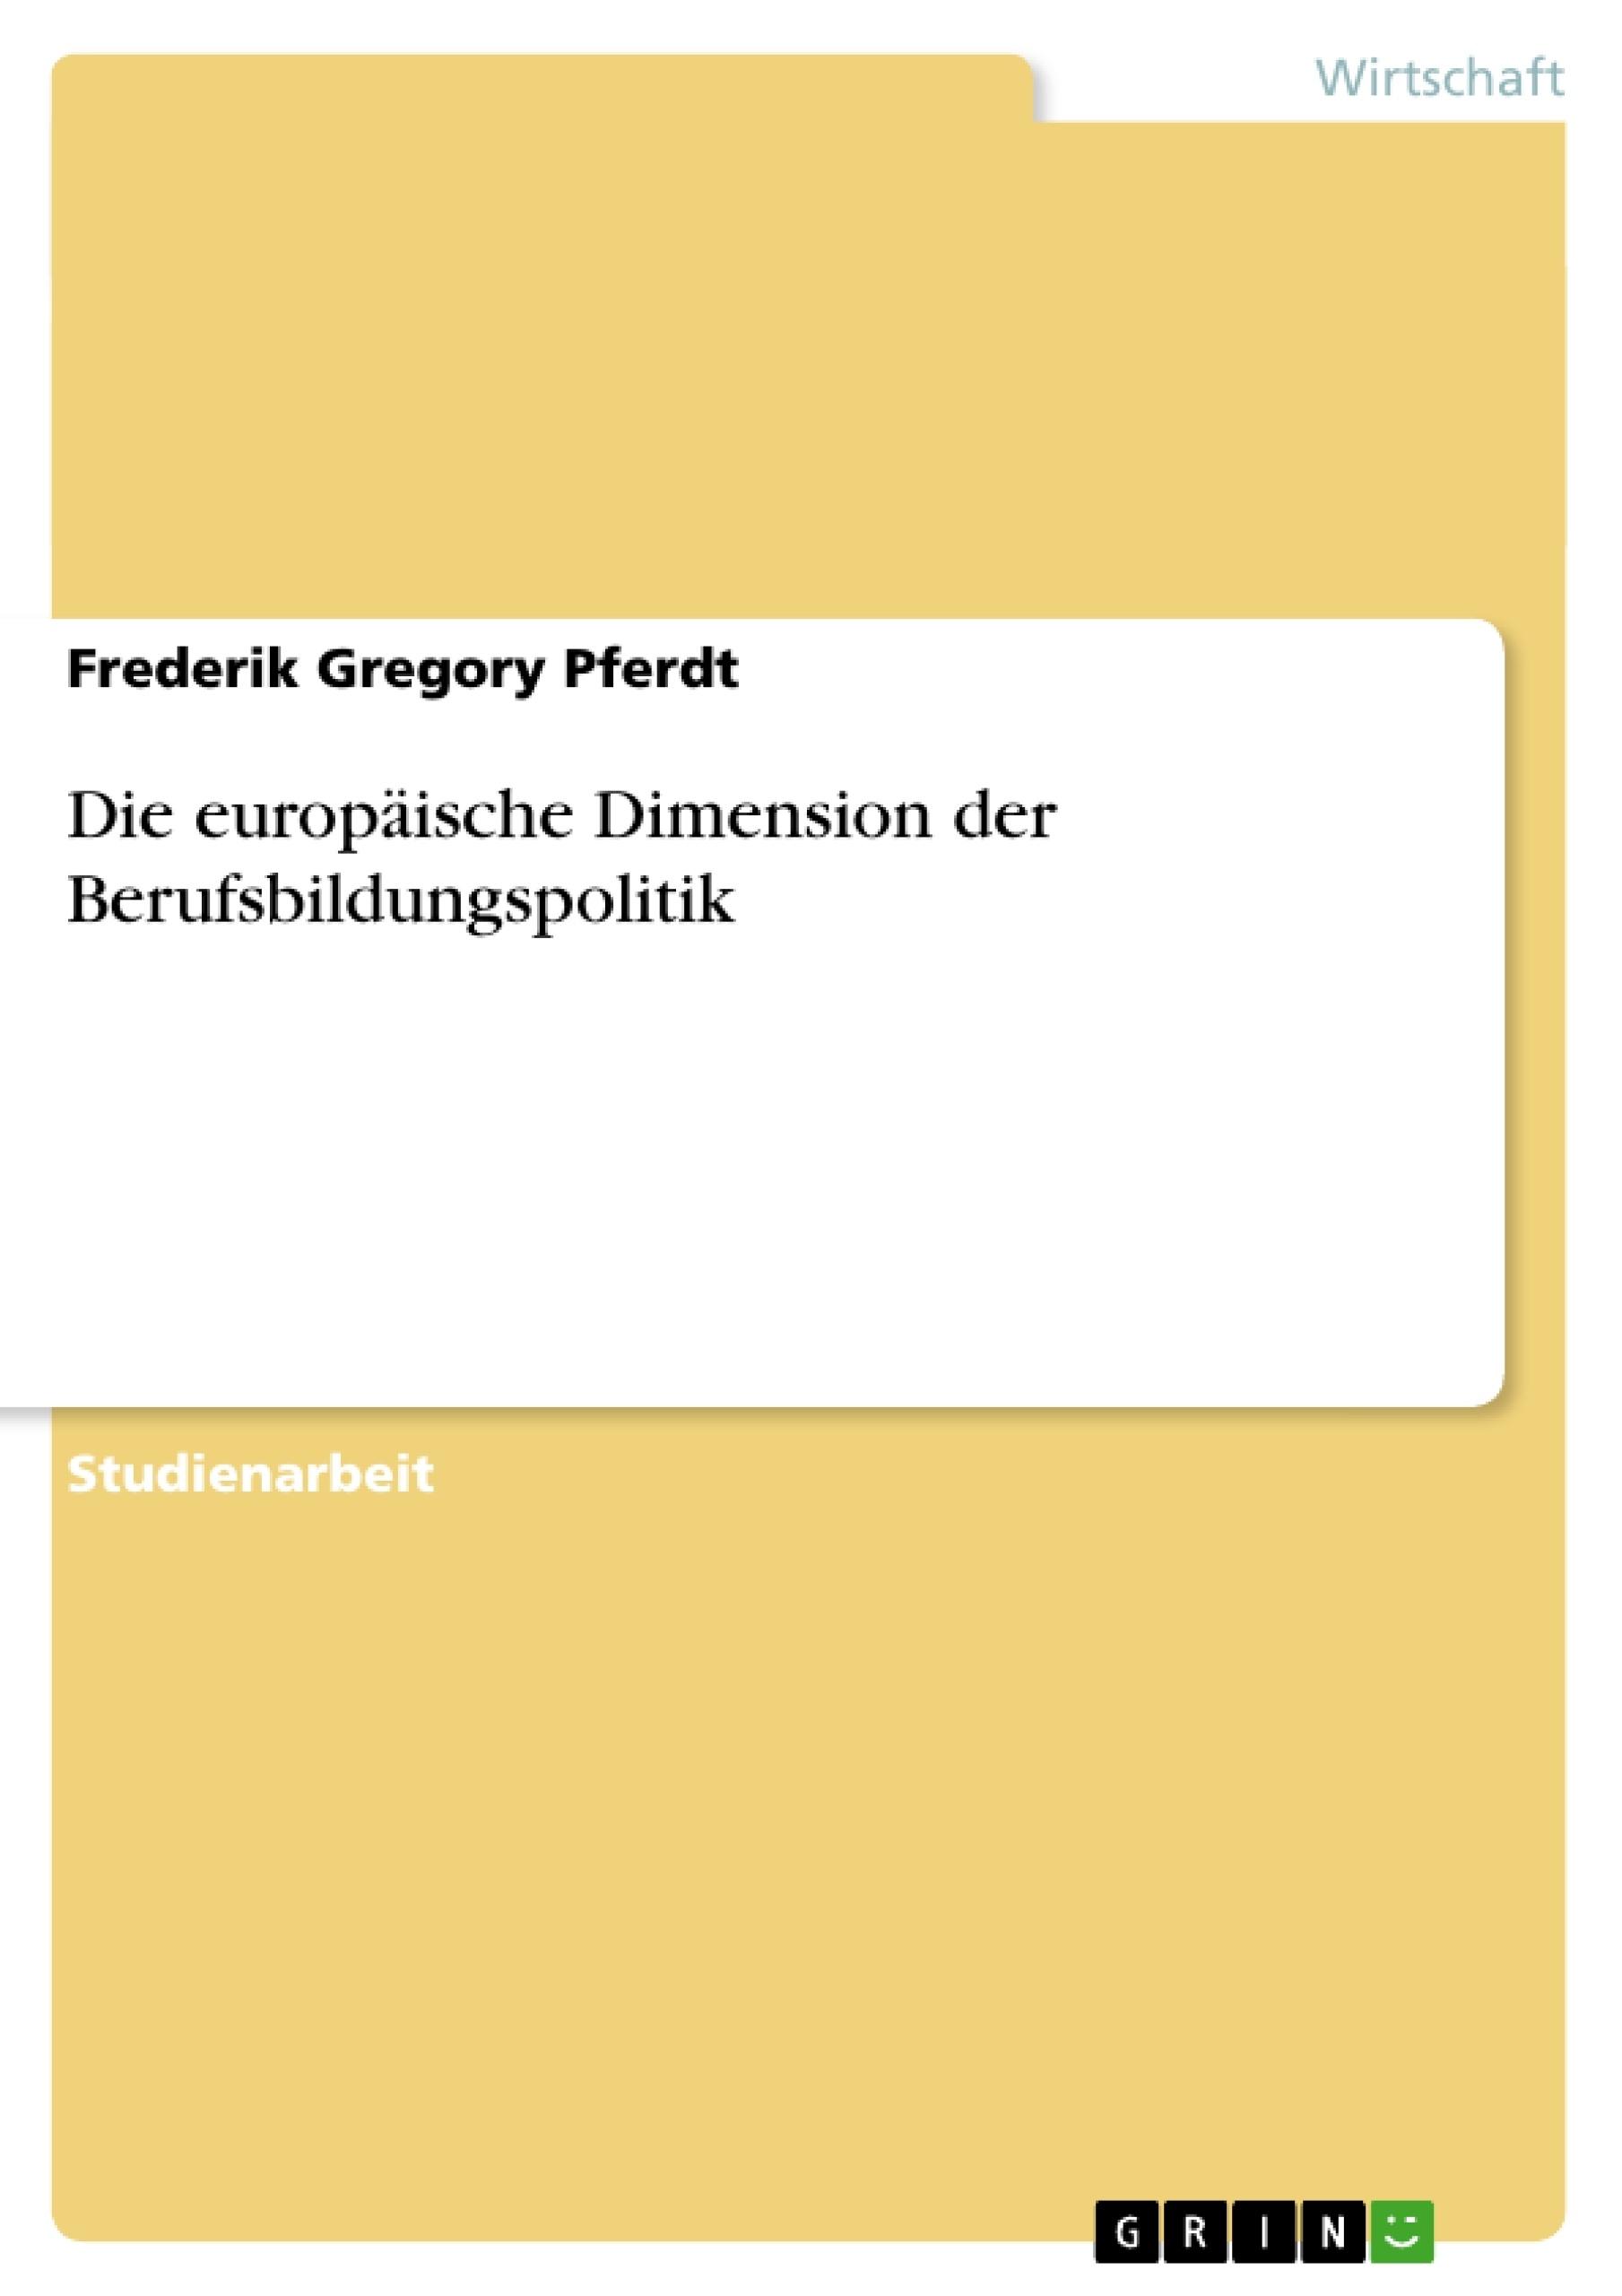 Titel: Die europäische Dimension der Berufsbildungspolitik